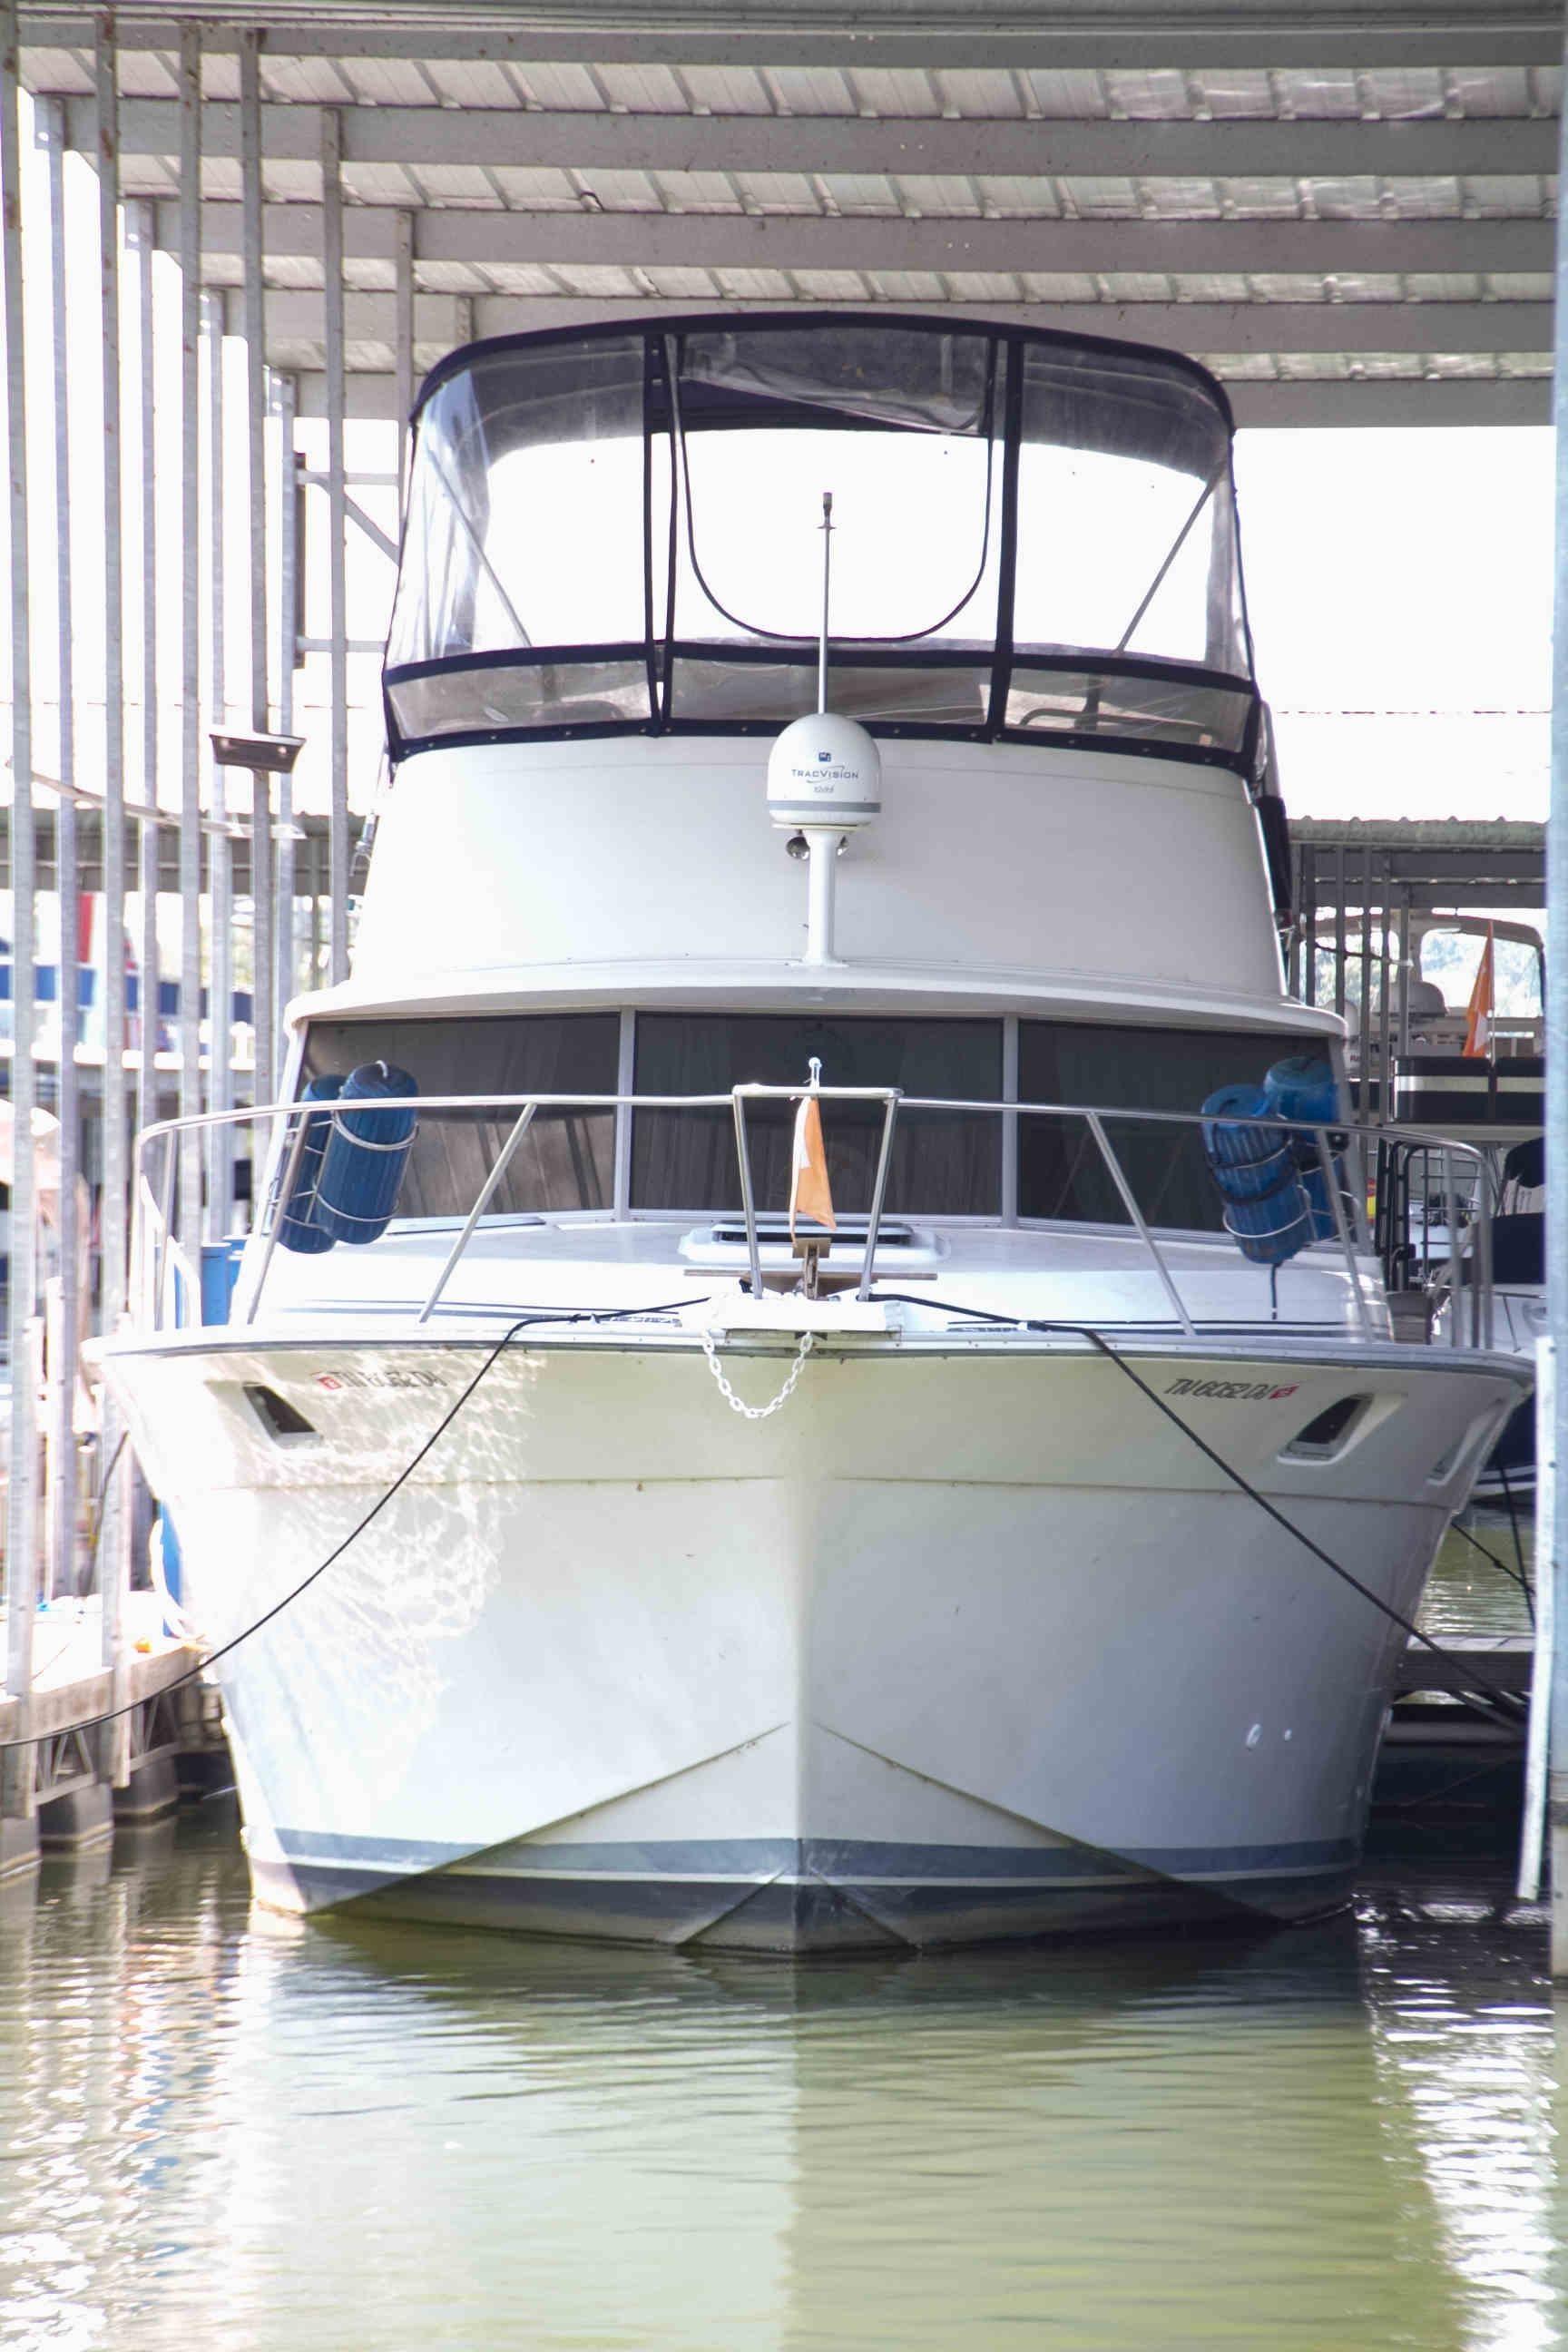 1989 Silverton 40 Aft Cabin Power Boat For Sale Www